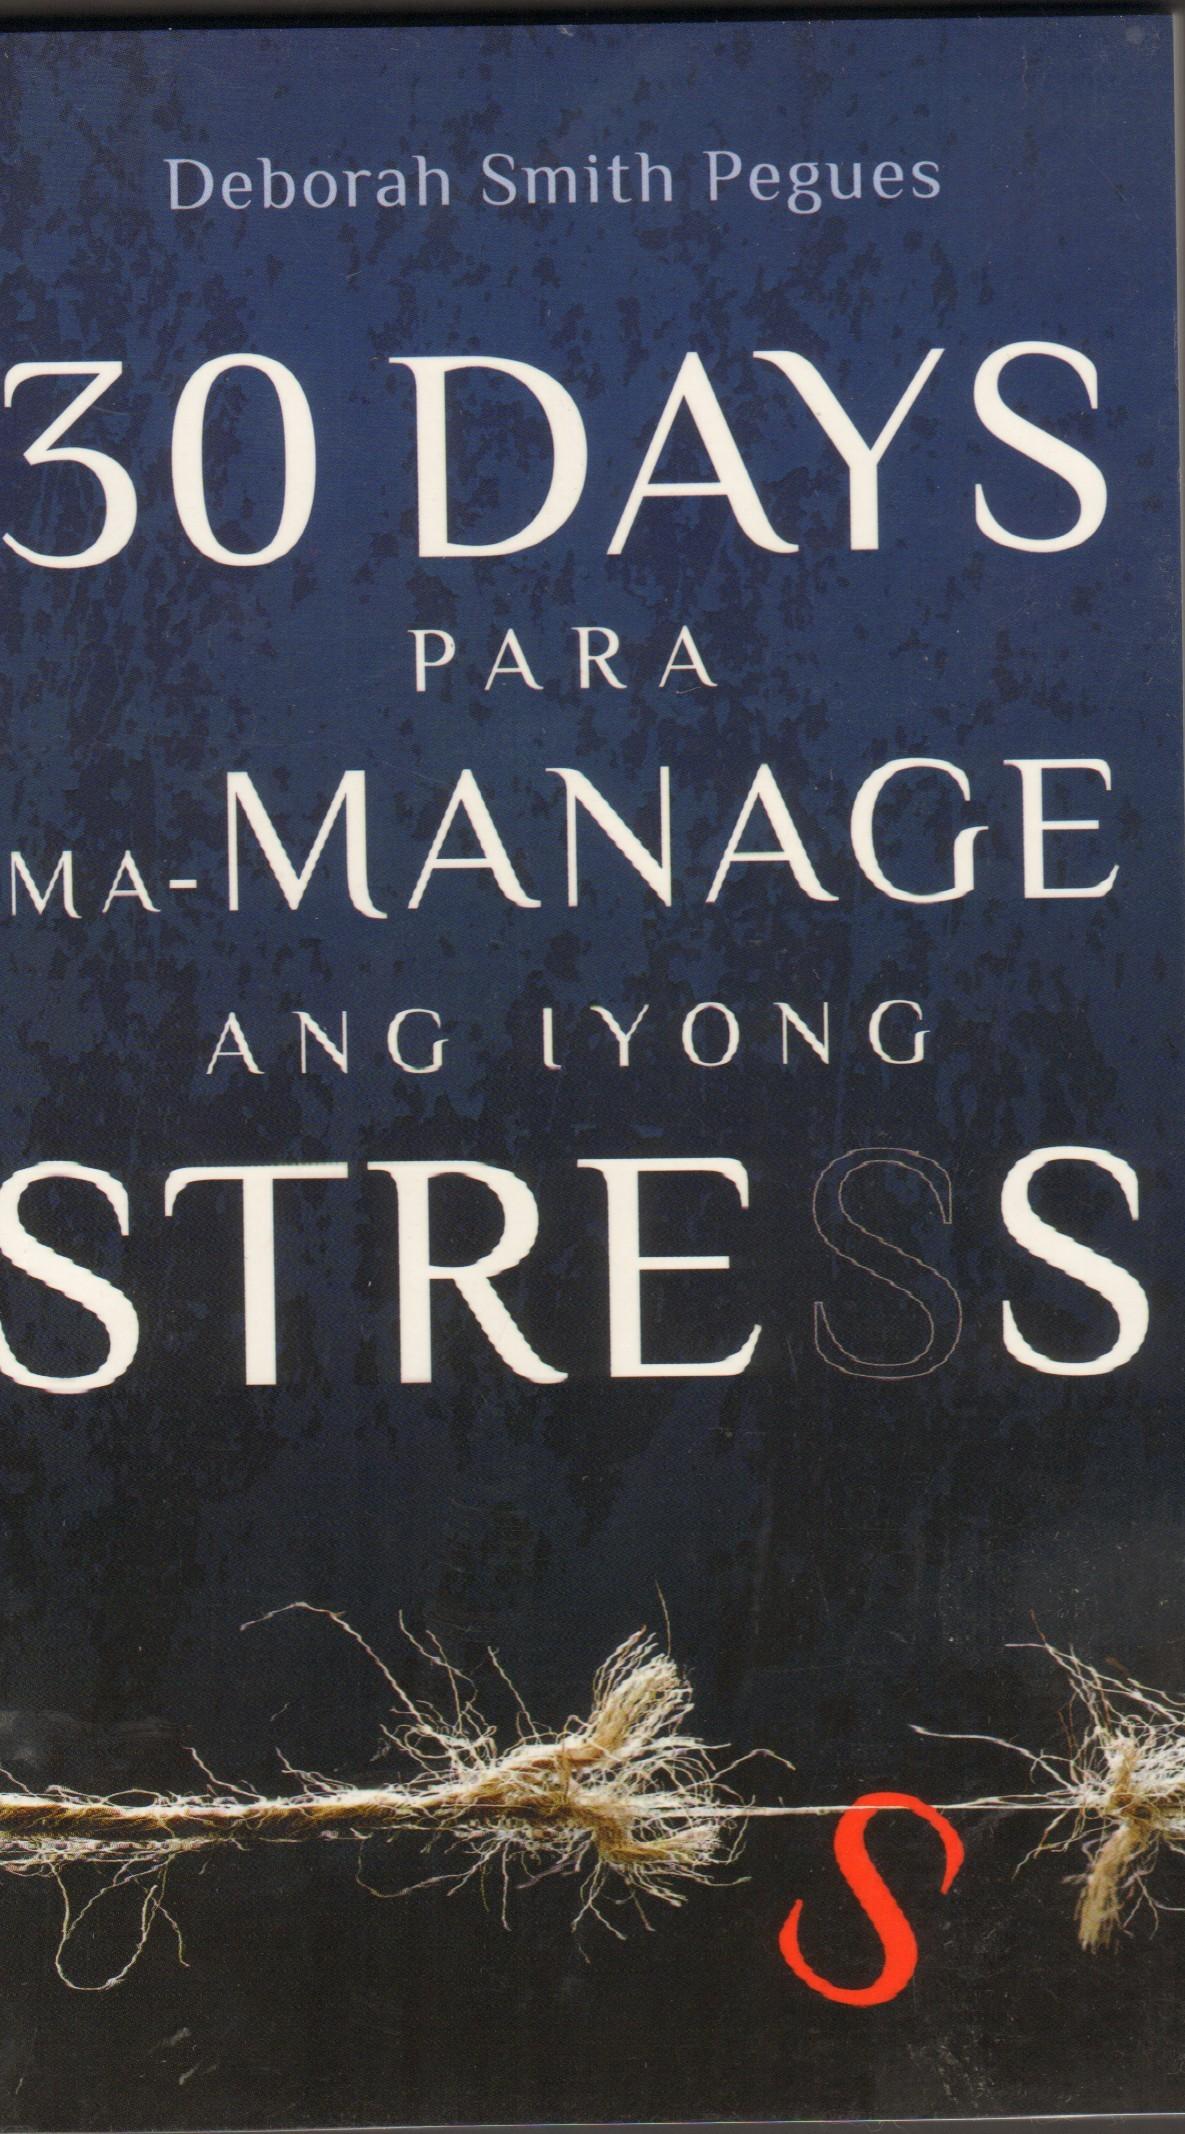 30 Days para ma-manage ang iyong Stress